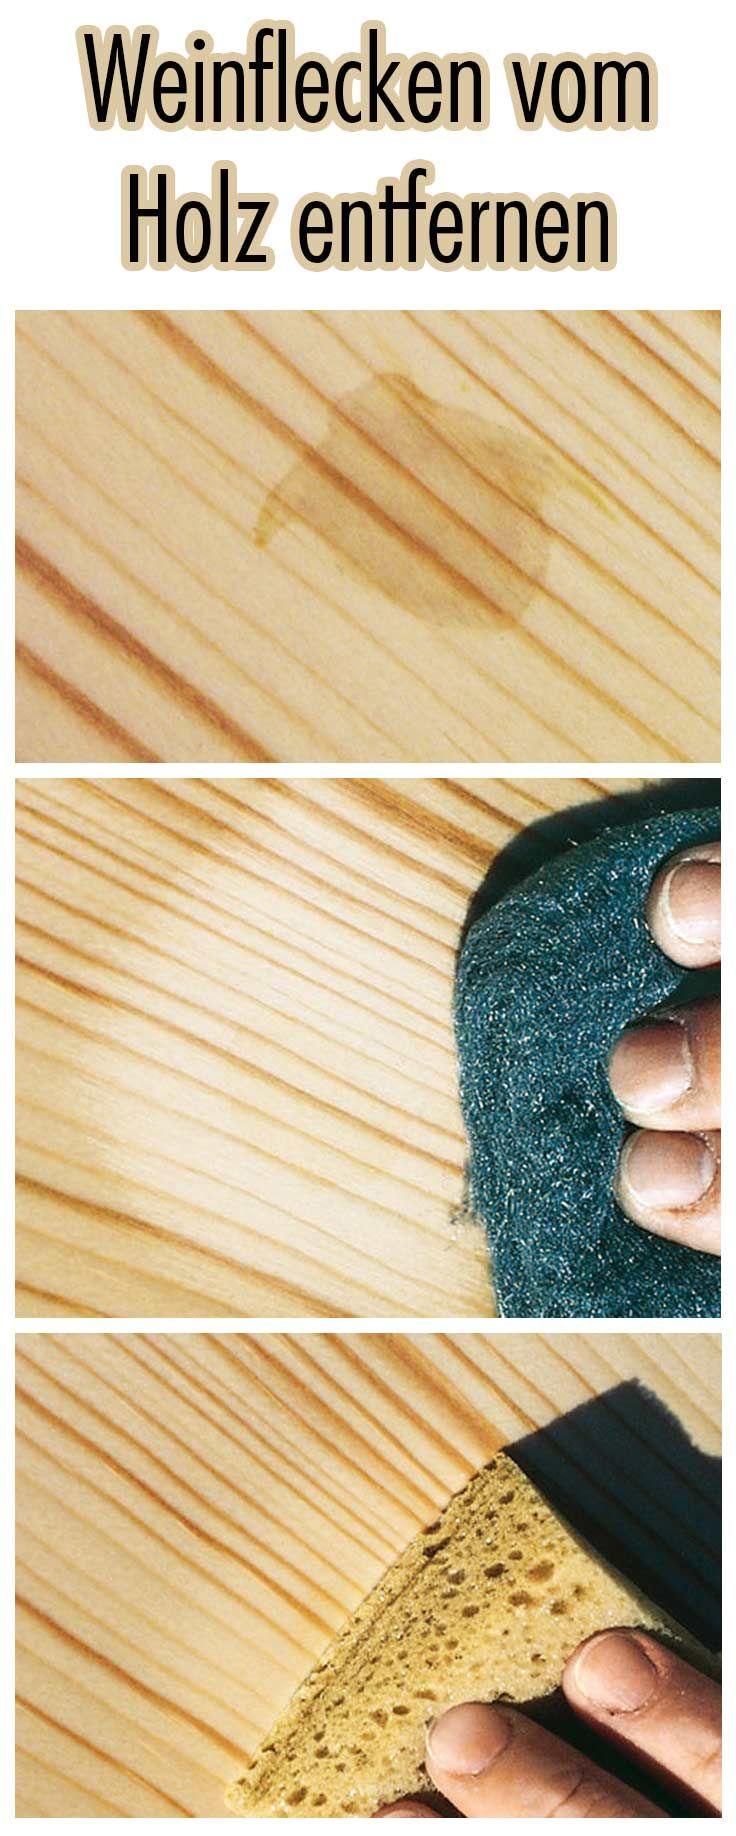 Weinflecken auf dem geölten Holz kann jeder selbst entfernen. Dazu braucht man: Hartöl, Schwamm, Schleifkissen, Leinentuch. Dann wird der Fleck in Holzmaserrichtung aus dem Holz geschliffen, bis er nicht mehr sichtbar ist. Die geschliffene Stelle satt mit Hartöl tränken. Das Öl etwa 5-6 Minuten einziehen lassen, den Überschuss anschließend mit einem Leinentuch abnehmen. Vorgang, wenn nötig, wiederholen.